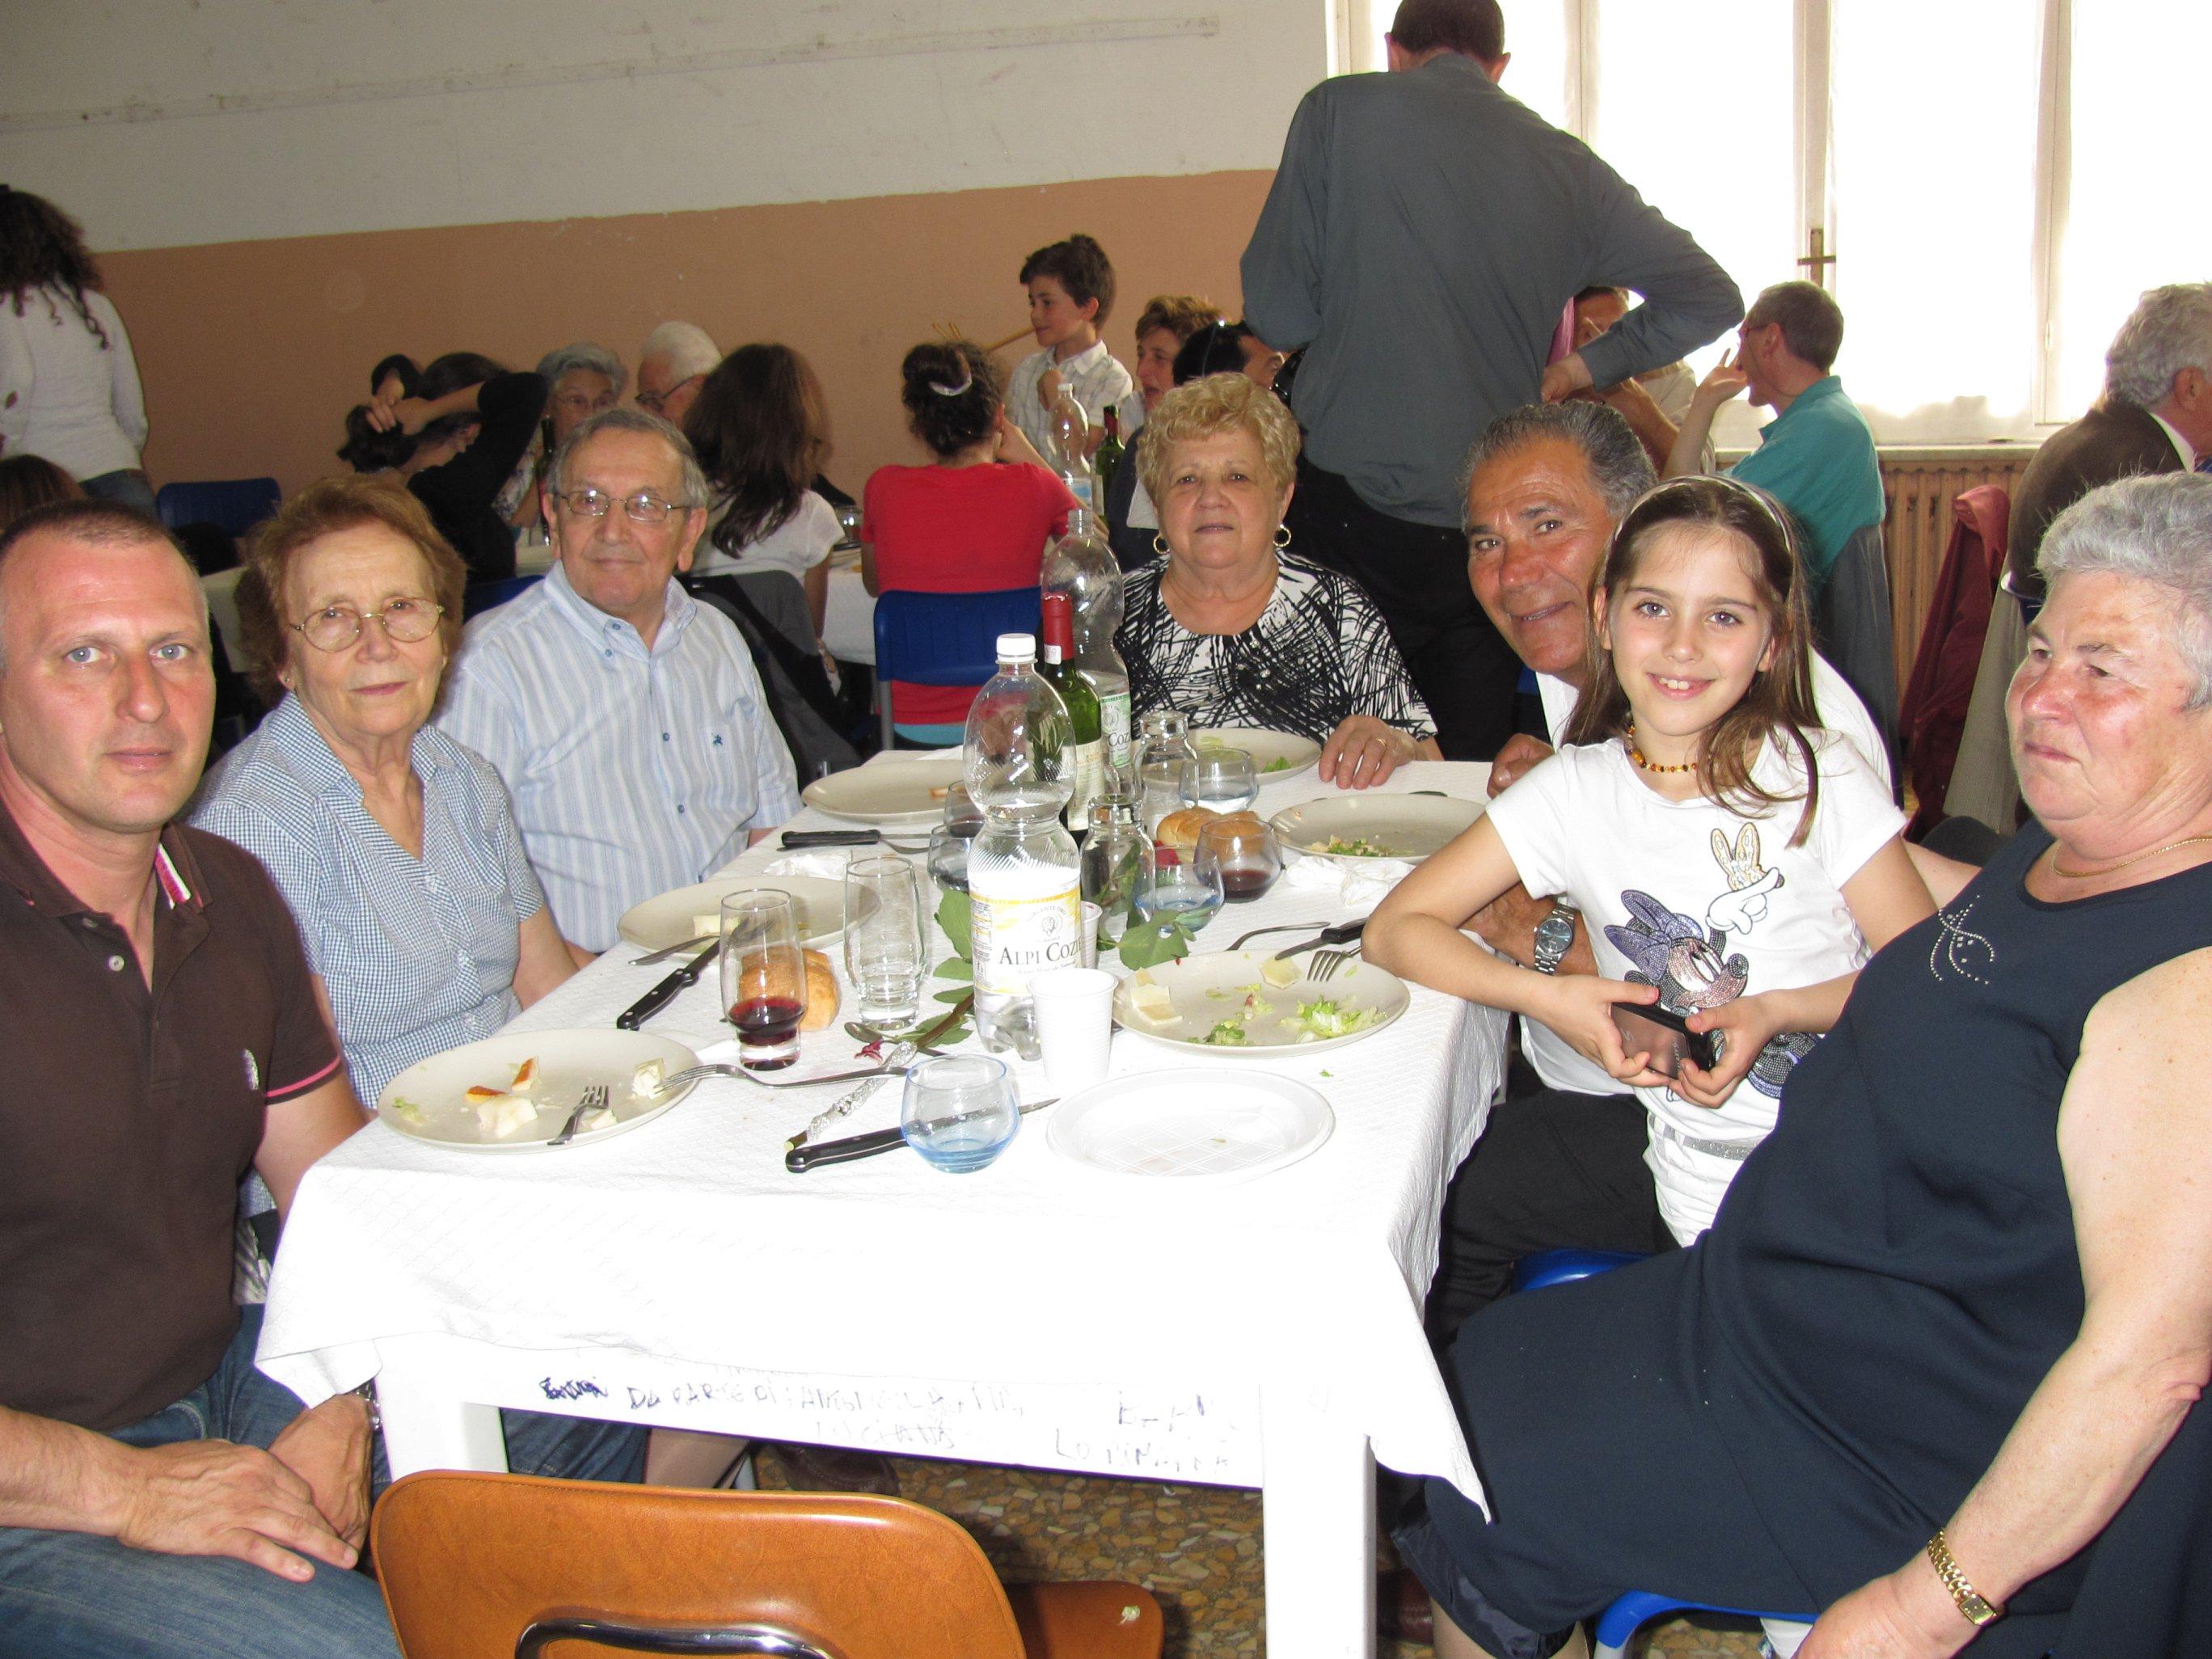 anniversari_di_matrimonio_e_di_ordinazione_2012-06-03-13-10-52